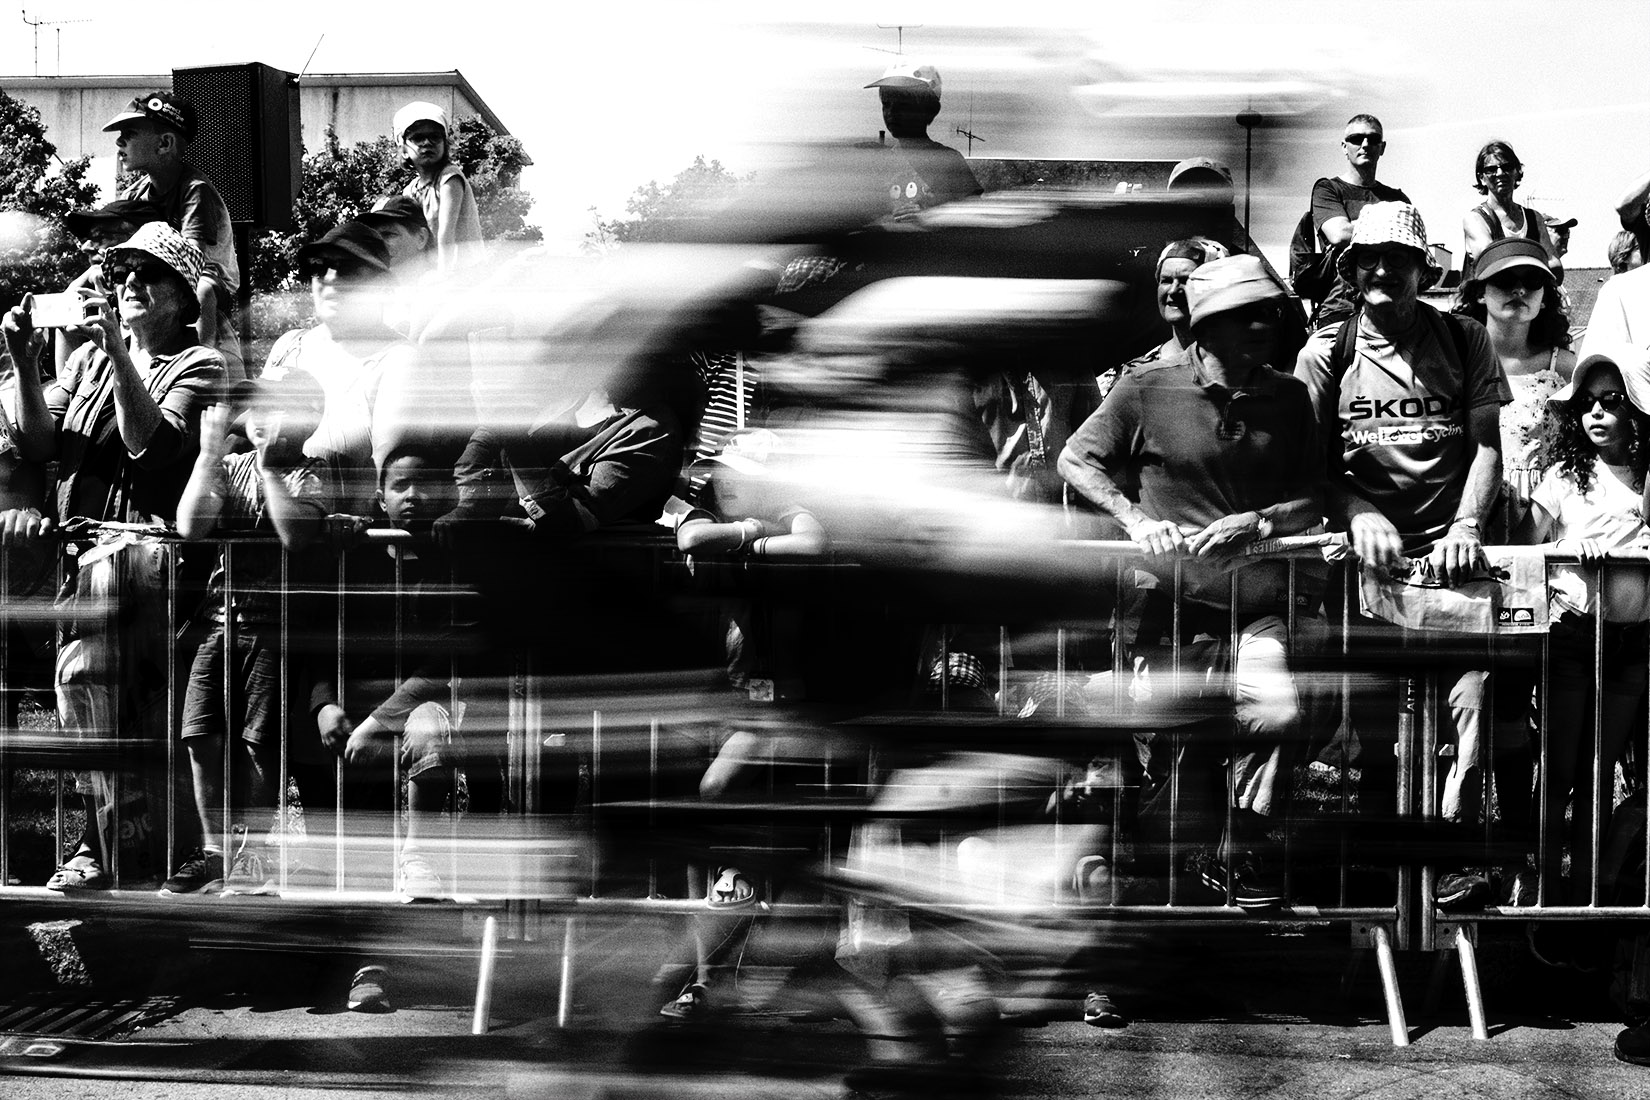 La foule du tour de France regarde les cyclistes faire leur départ dans la ville de Fougères